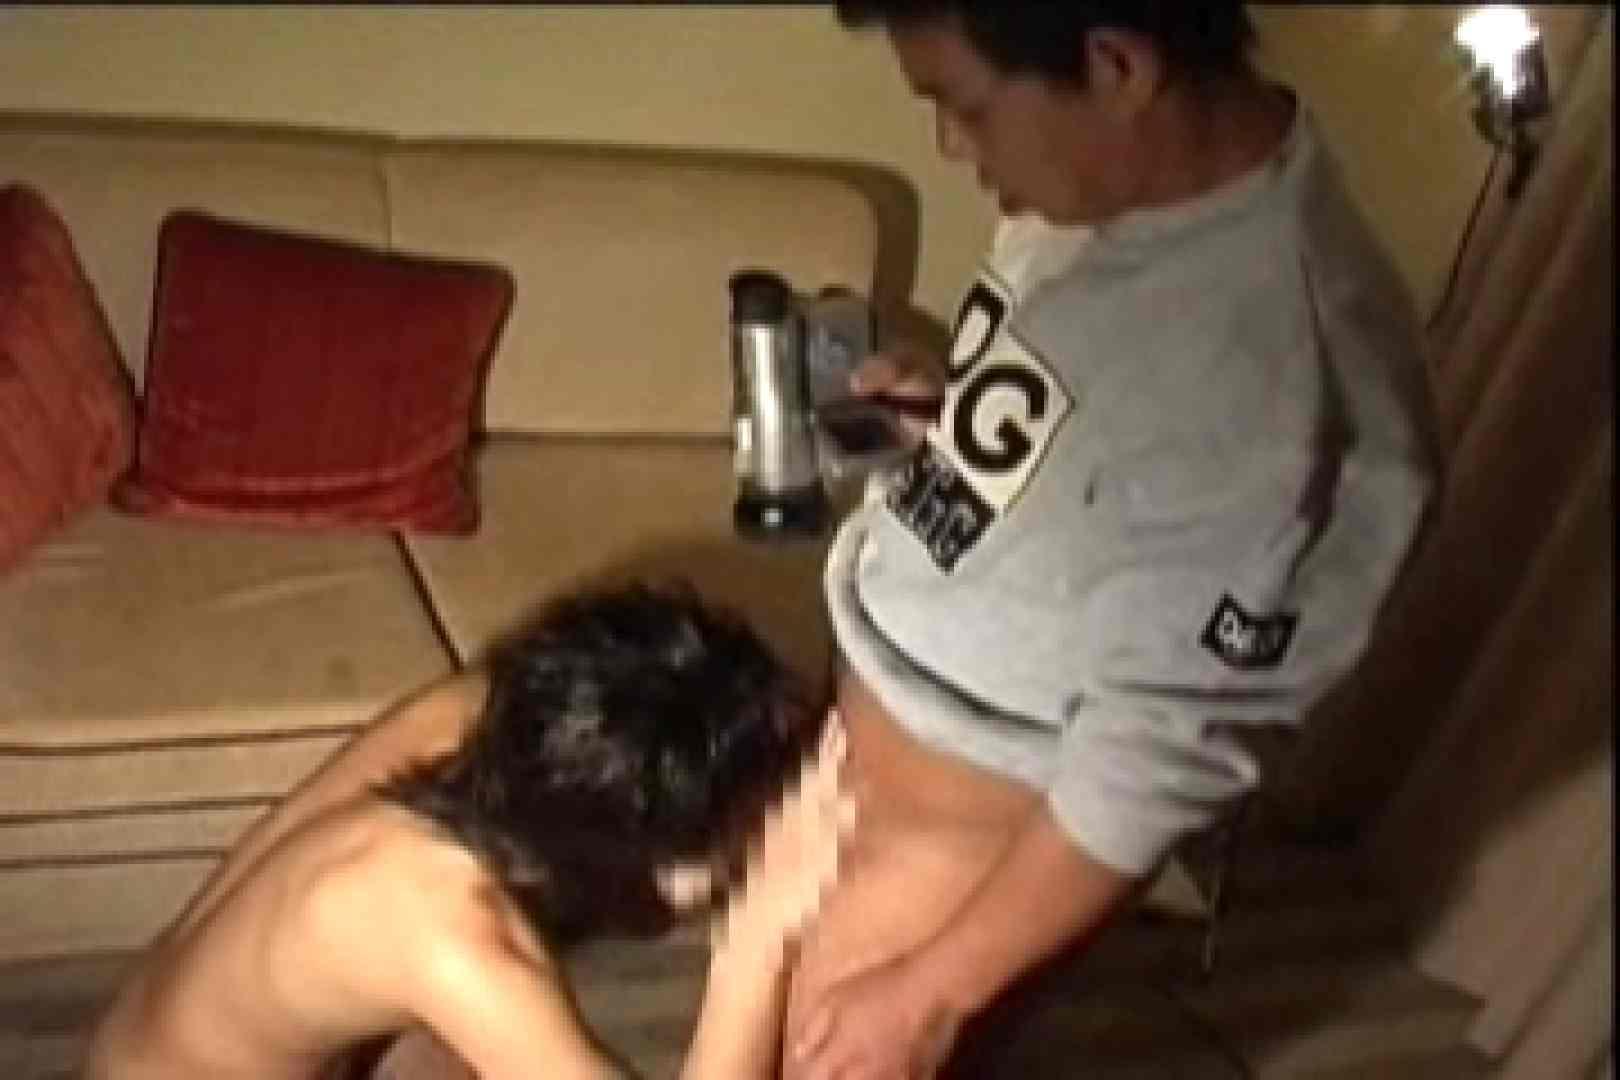 ハメ撮り!!面接FUCK!!Part.01 淫乱   オナニー ゲイアダルトビデオ画像 11連発 8